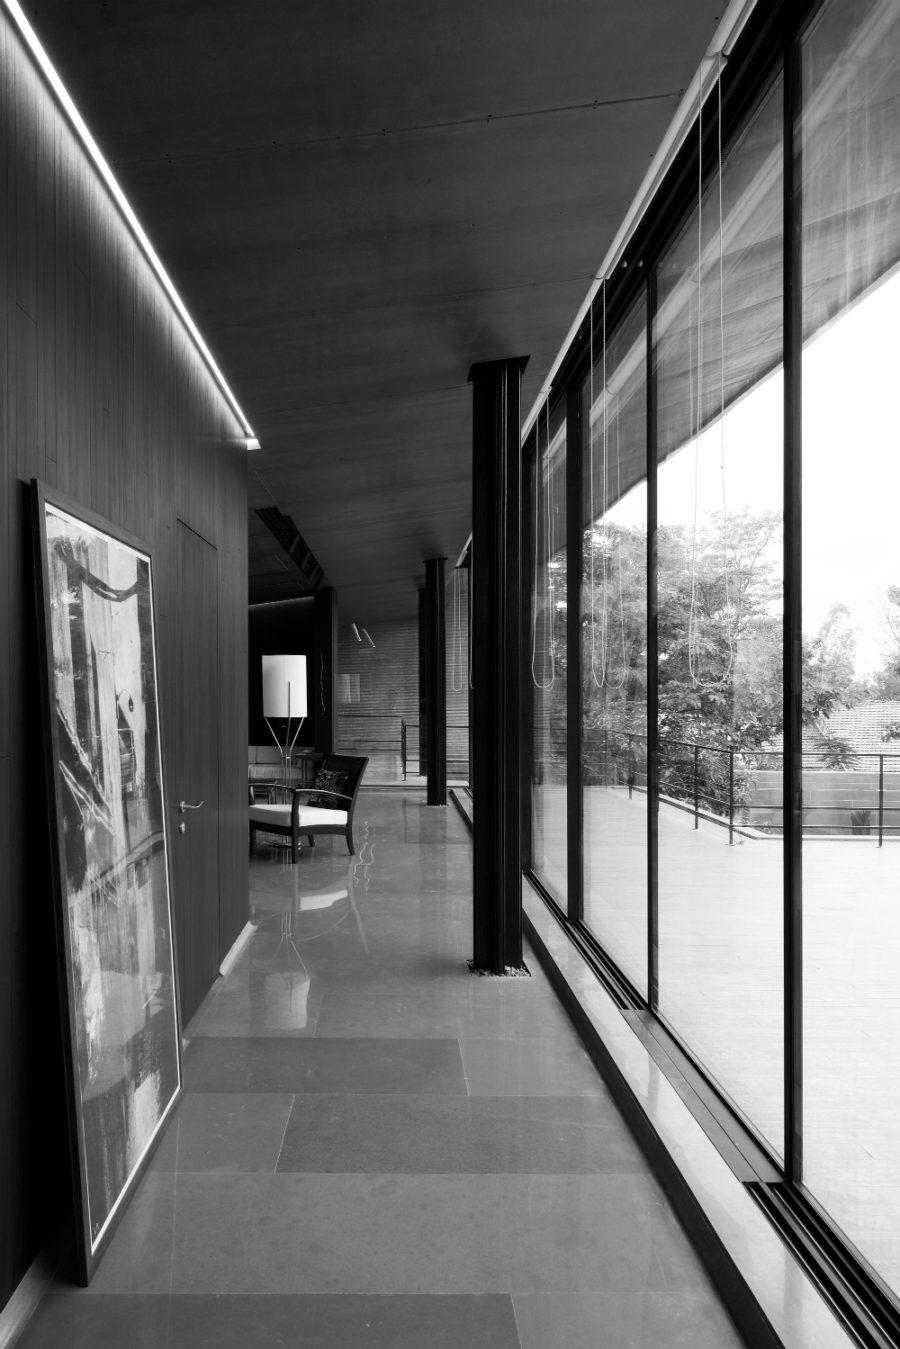 Narrow hallways will never feel claustrophobic with glazed walls